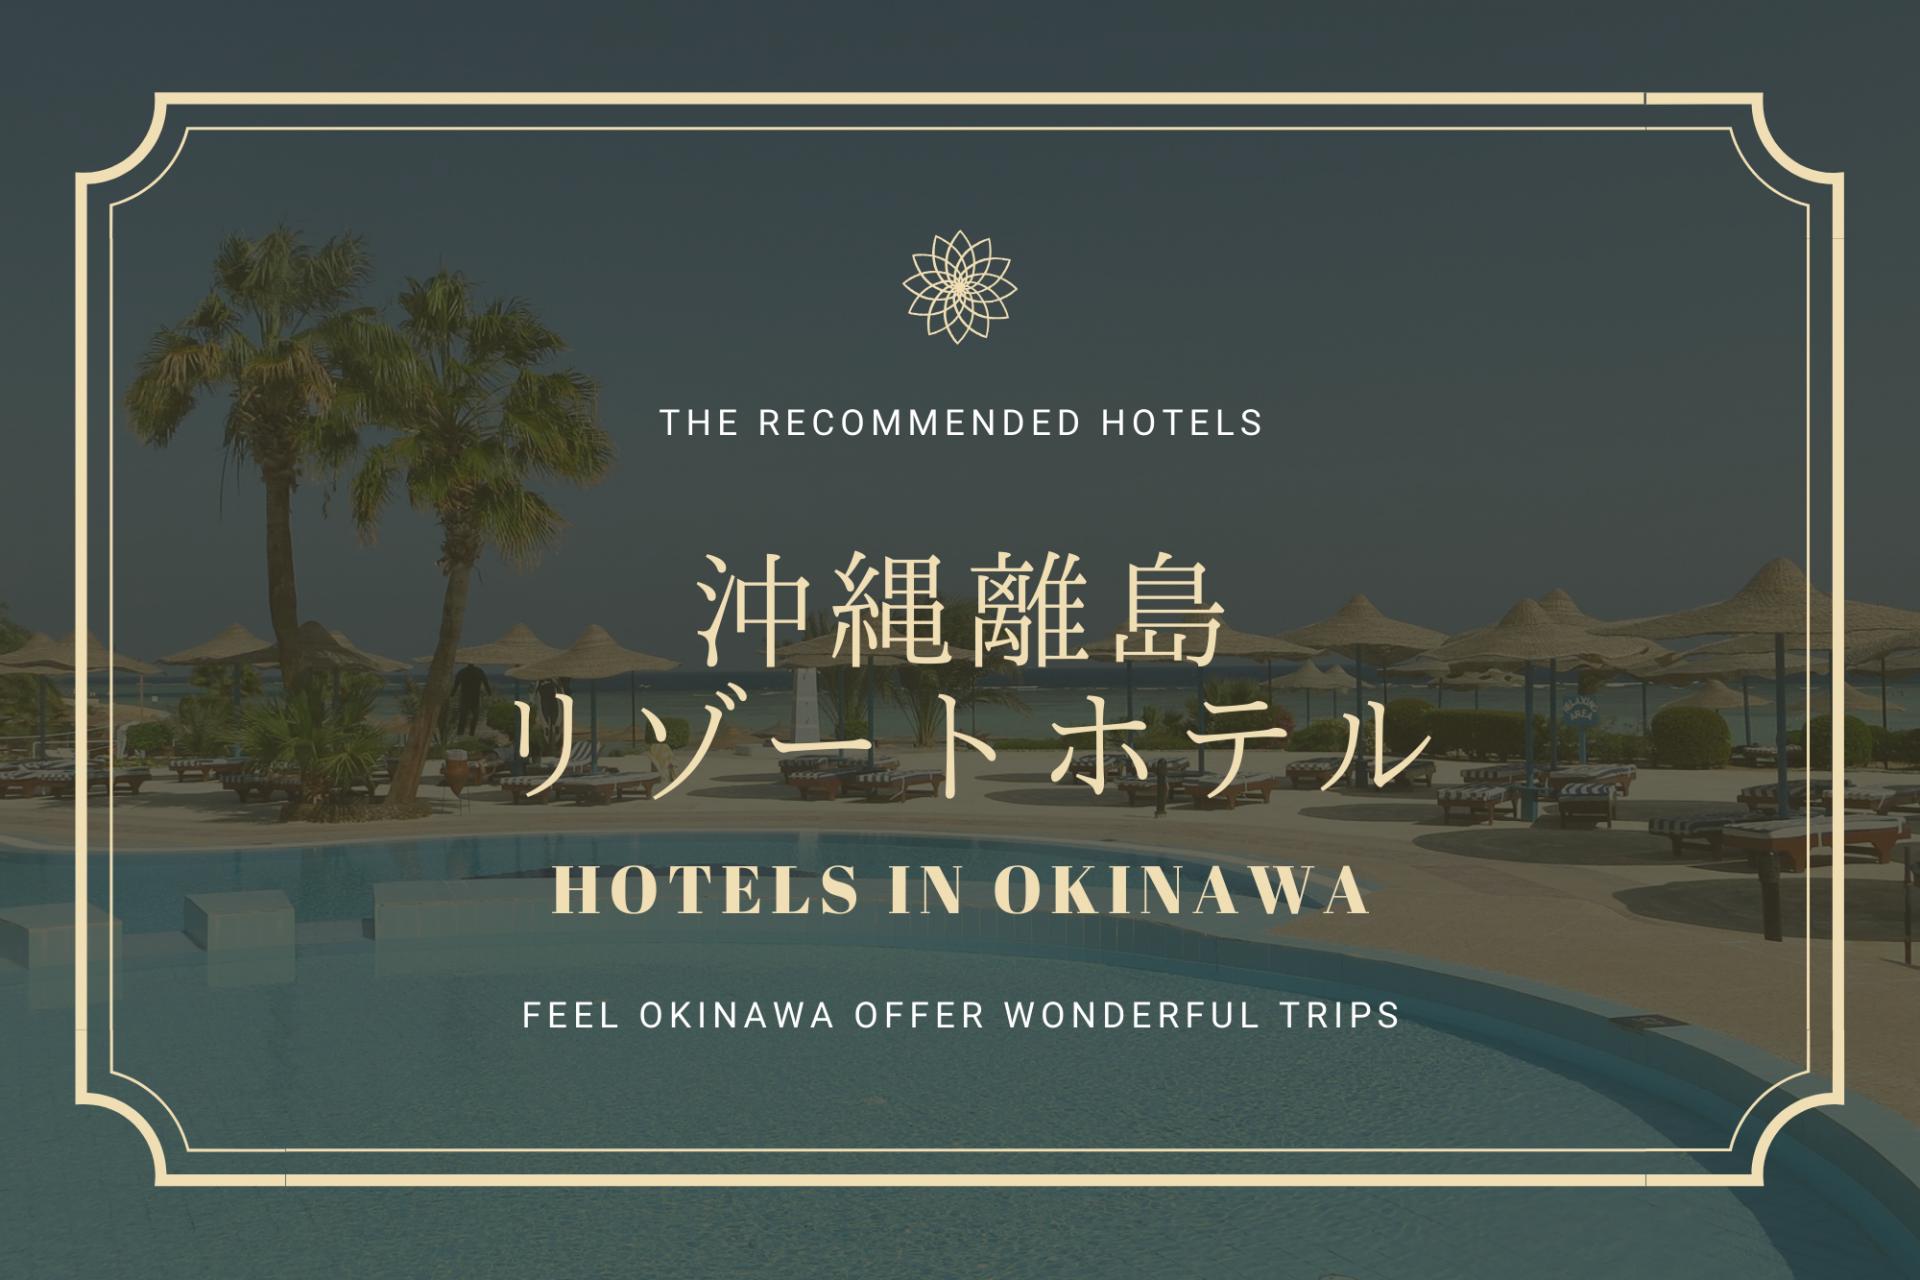 沖縄の離島でリゾート体験 おすすめホテル紹介